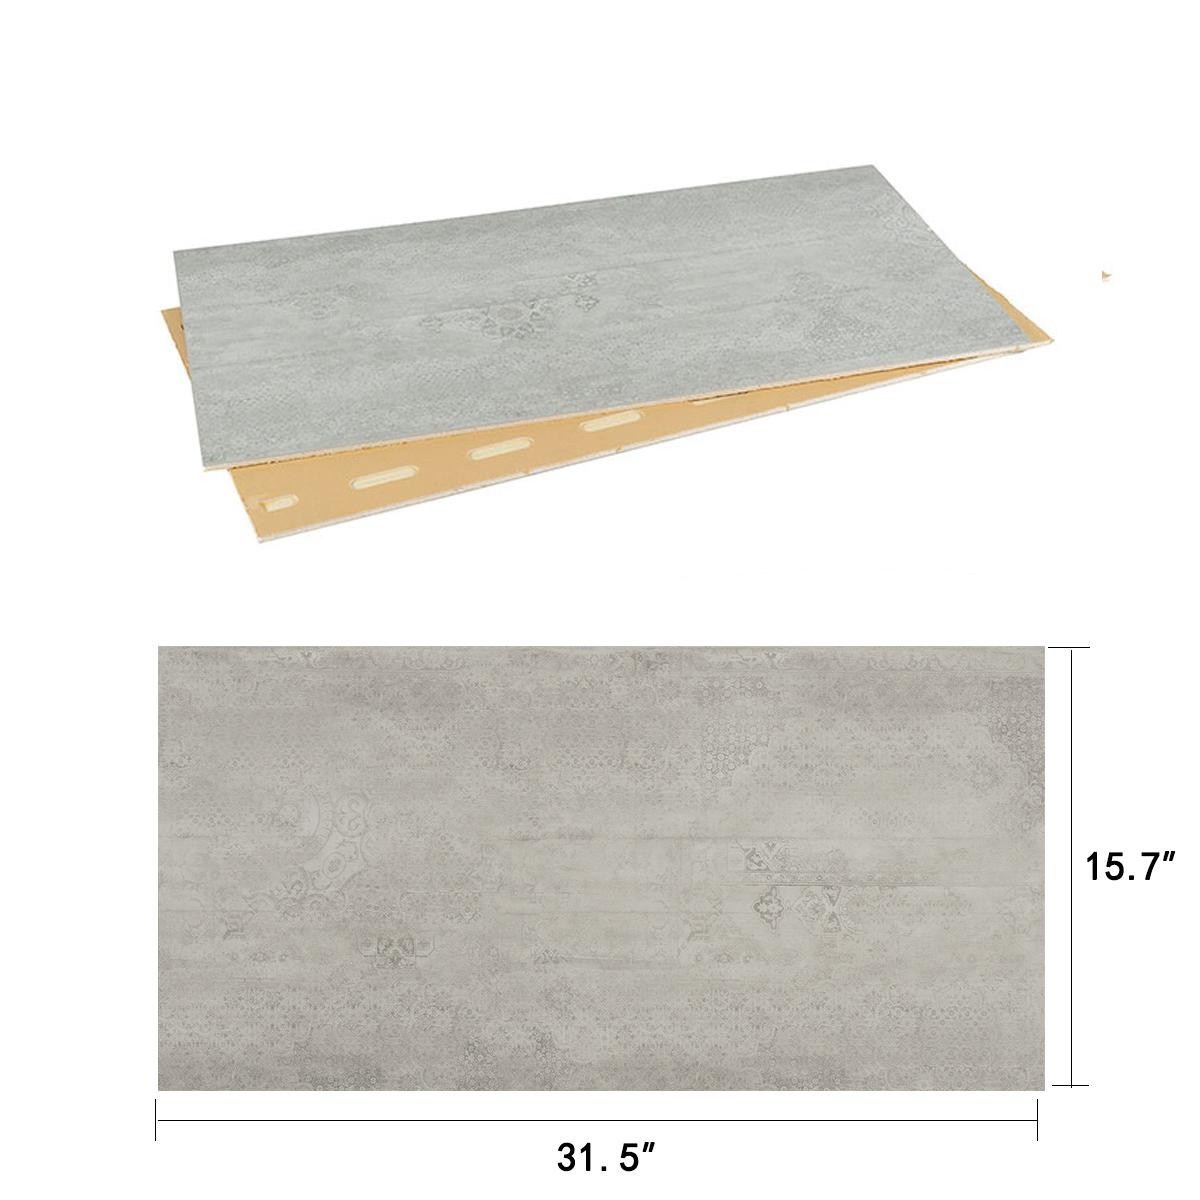 DECORAPORT NSM Panneau Mural, Béton Lavé,31.5'' x15.7'' (NWC-01) (6 Pcs-Paquet) (20,66 sq.ft/ Paquet)